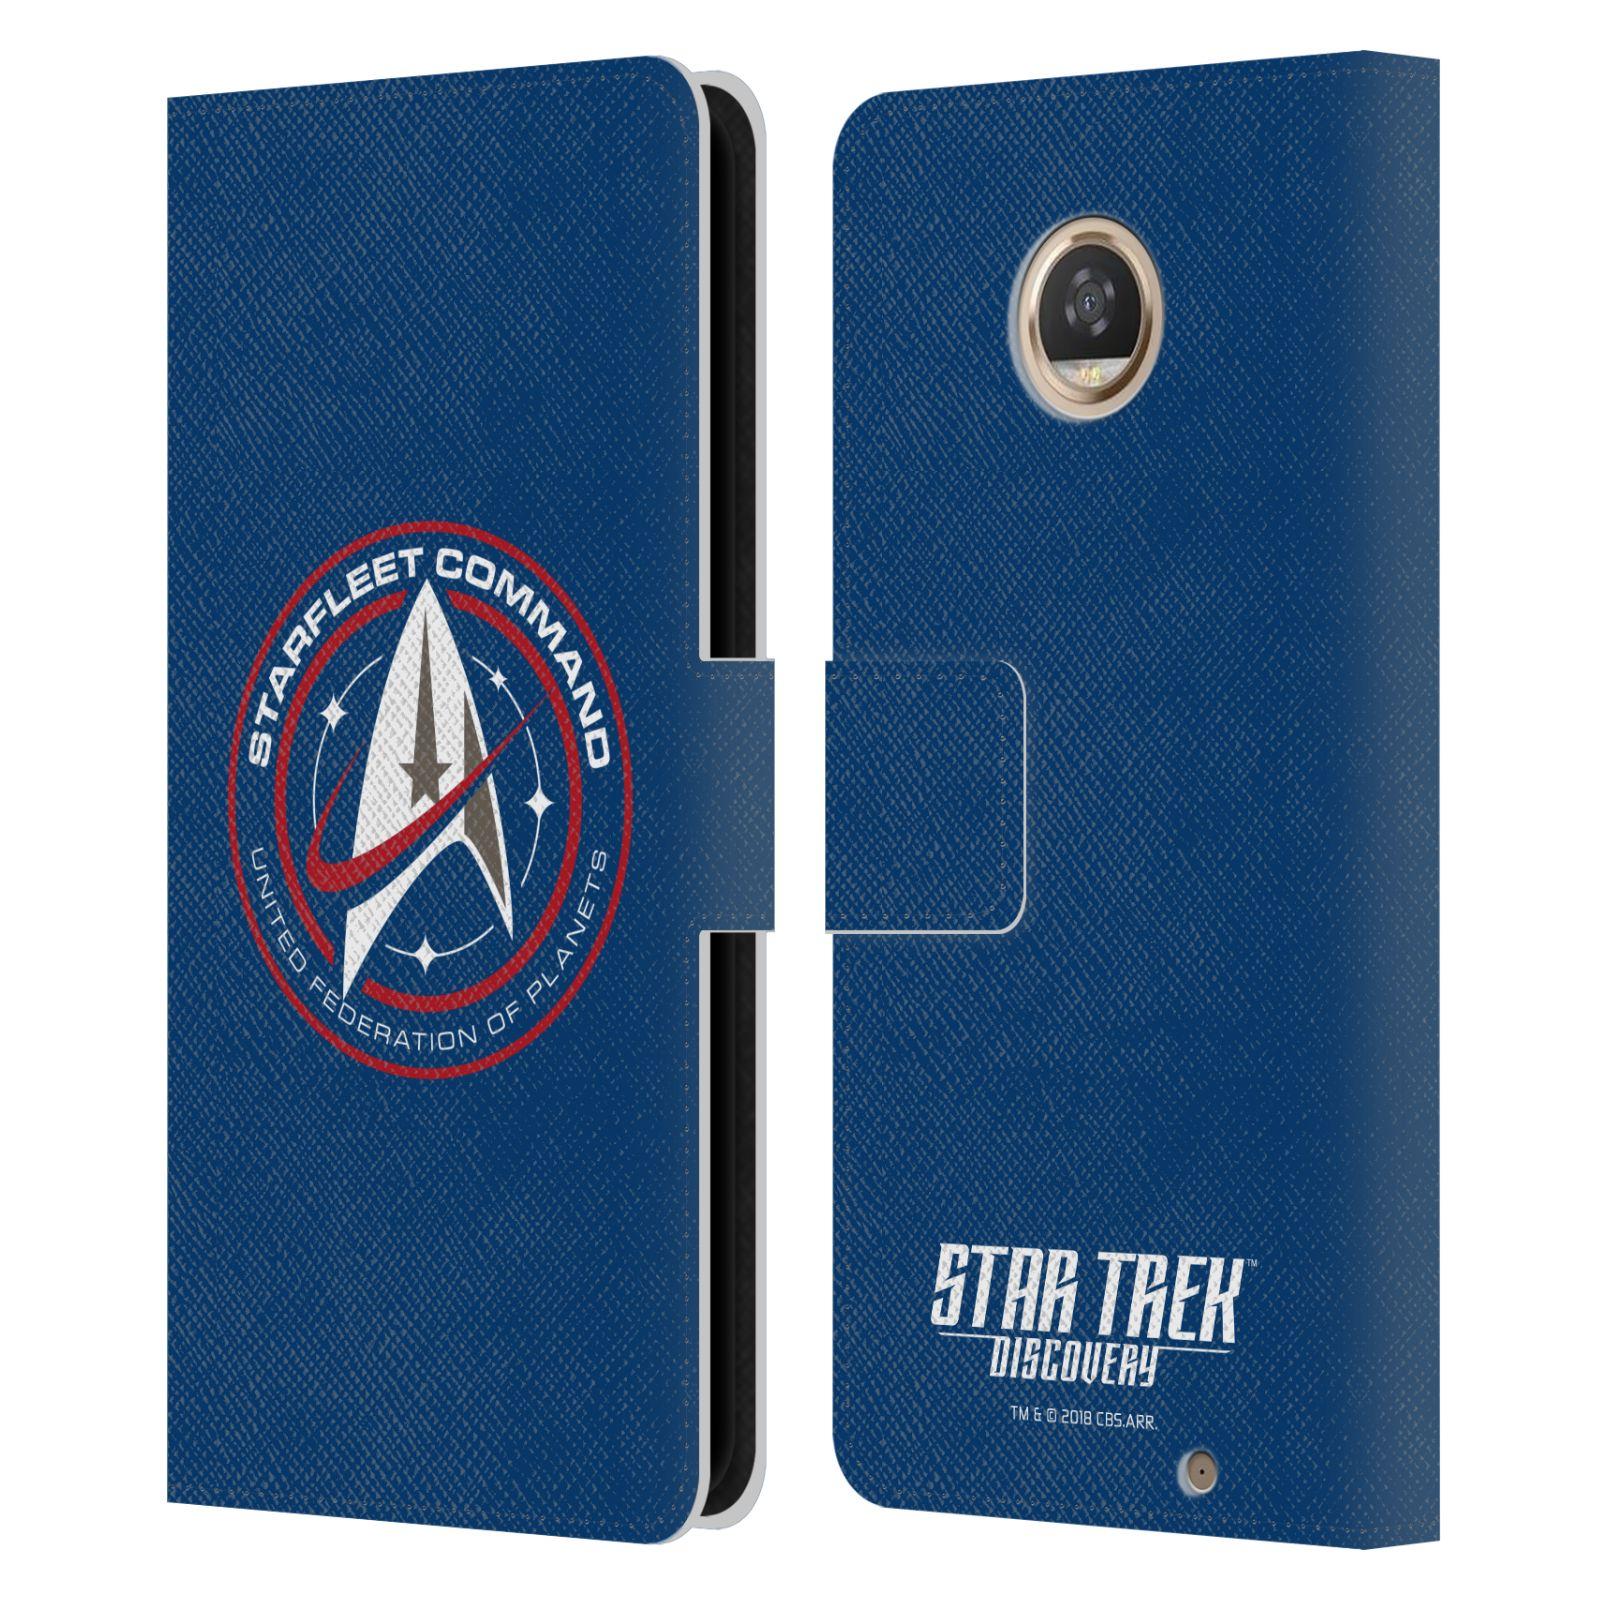 Descubrimiento-oficial-de-Star-Trek-Estuche-tipo-Billetera-Cuero-Libro-insignias-para-telefonos